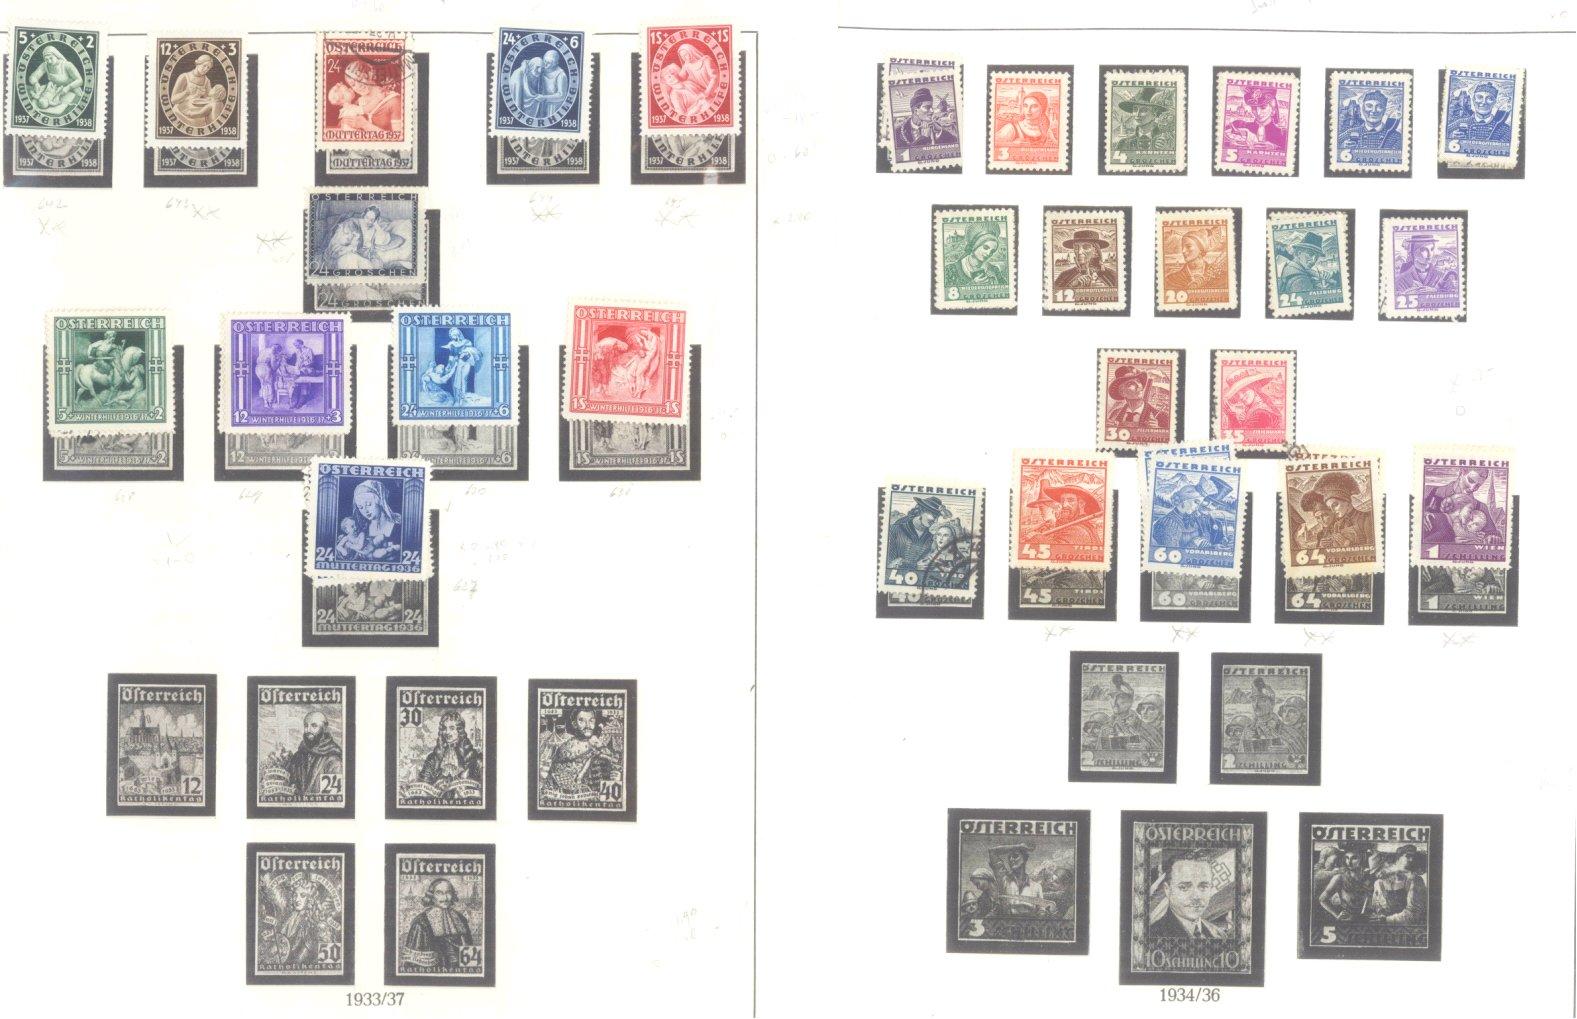 ÖSTERREICH 1850-1937-12